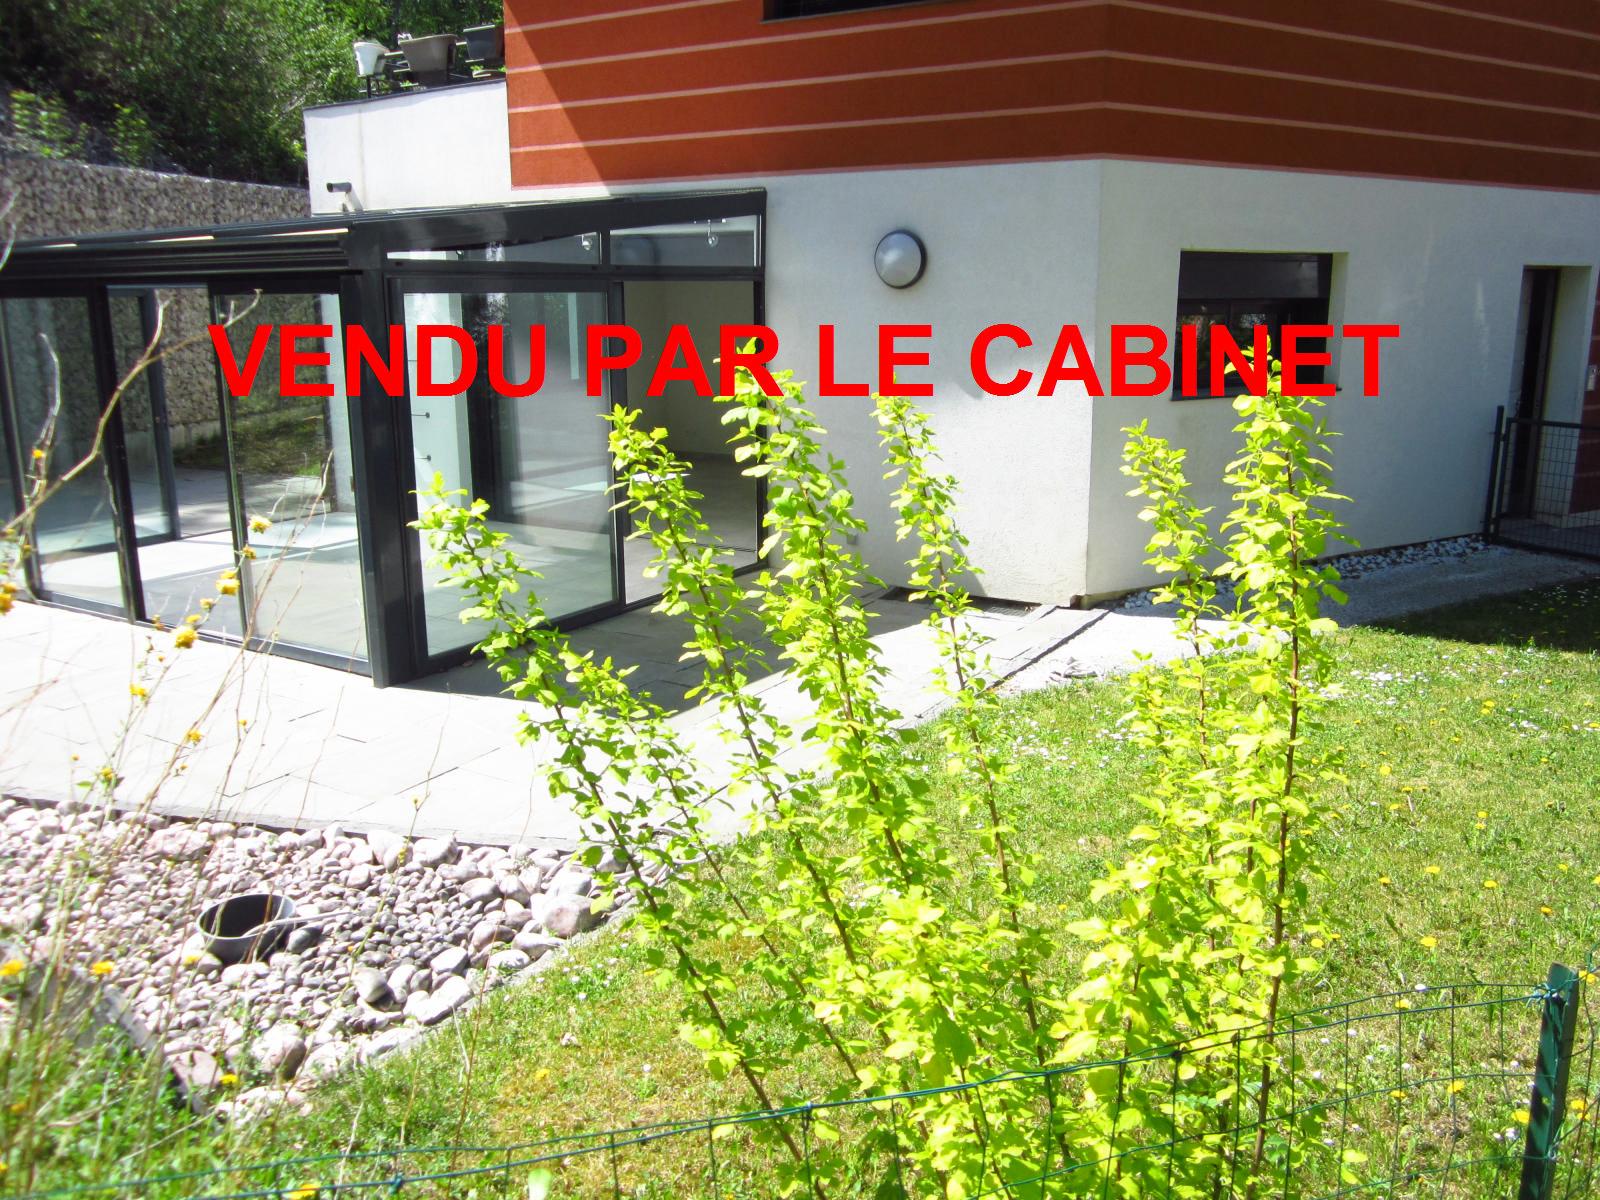 """EXCLUSIVITE St Julien-en-Genevois Appartement T3 en RDJ aux avantages d'une maison ( une """"Maisappart"""" ) VENDU PAR LE CABINET"""